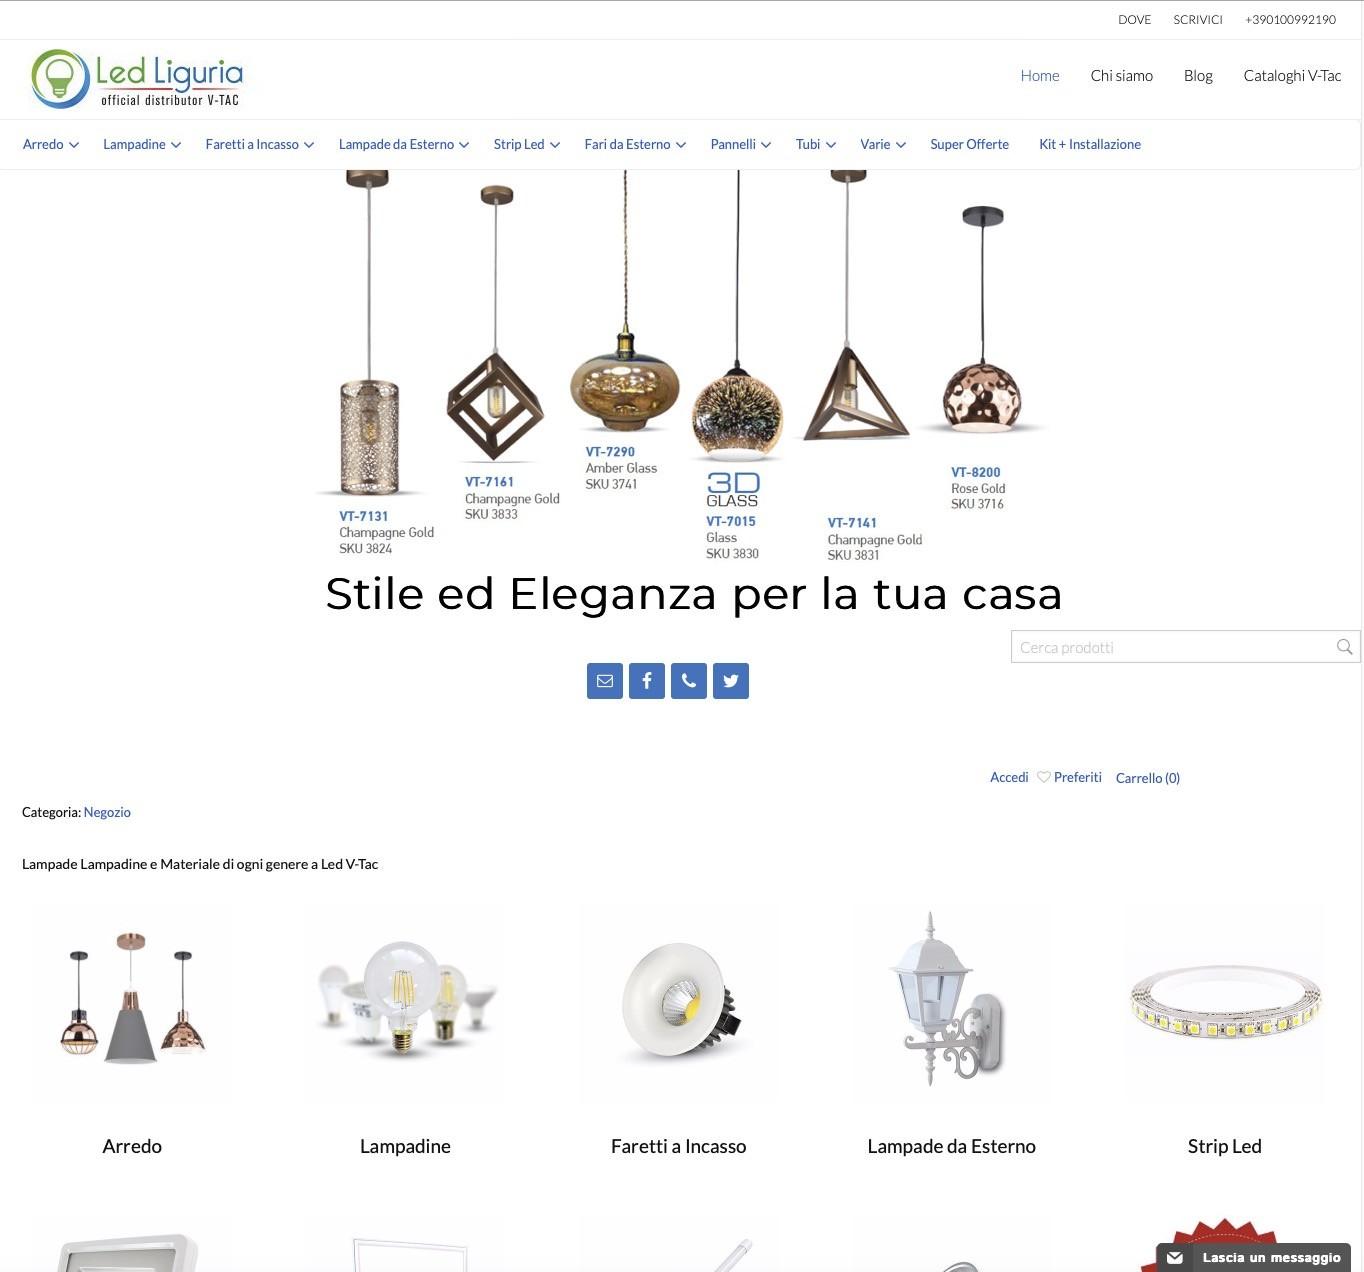 Nuovo sito Ecommerce Led Liguria